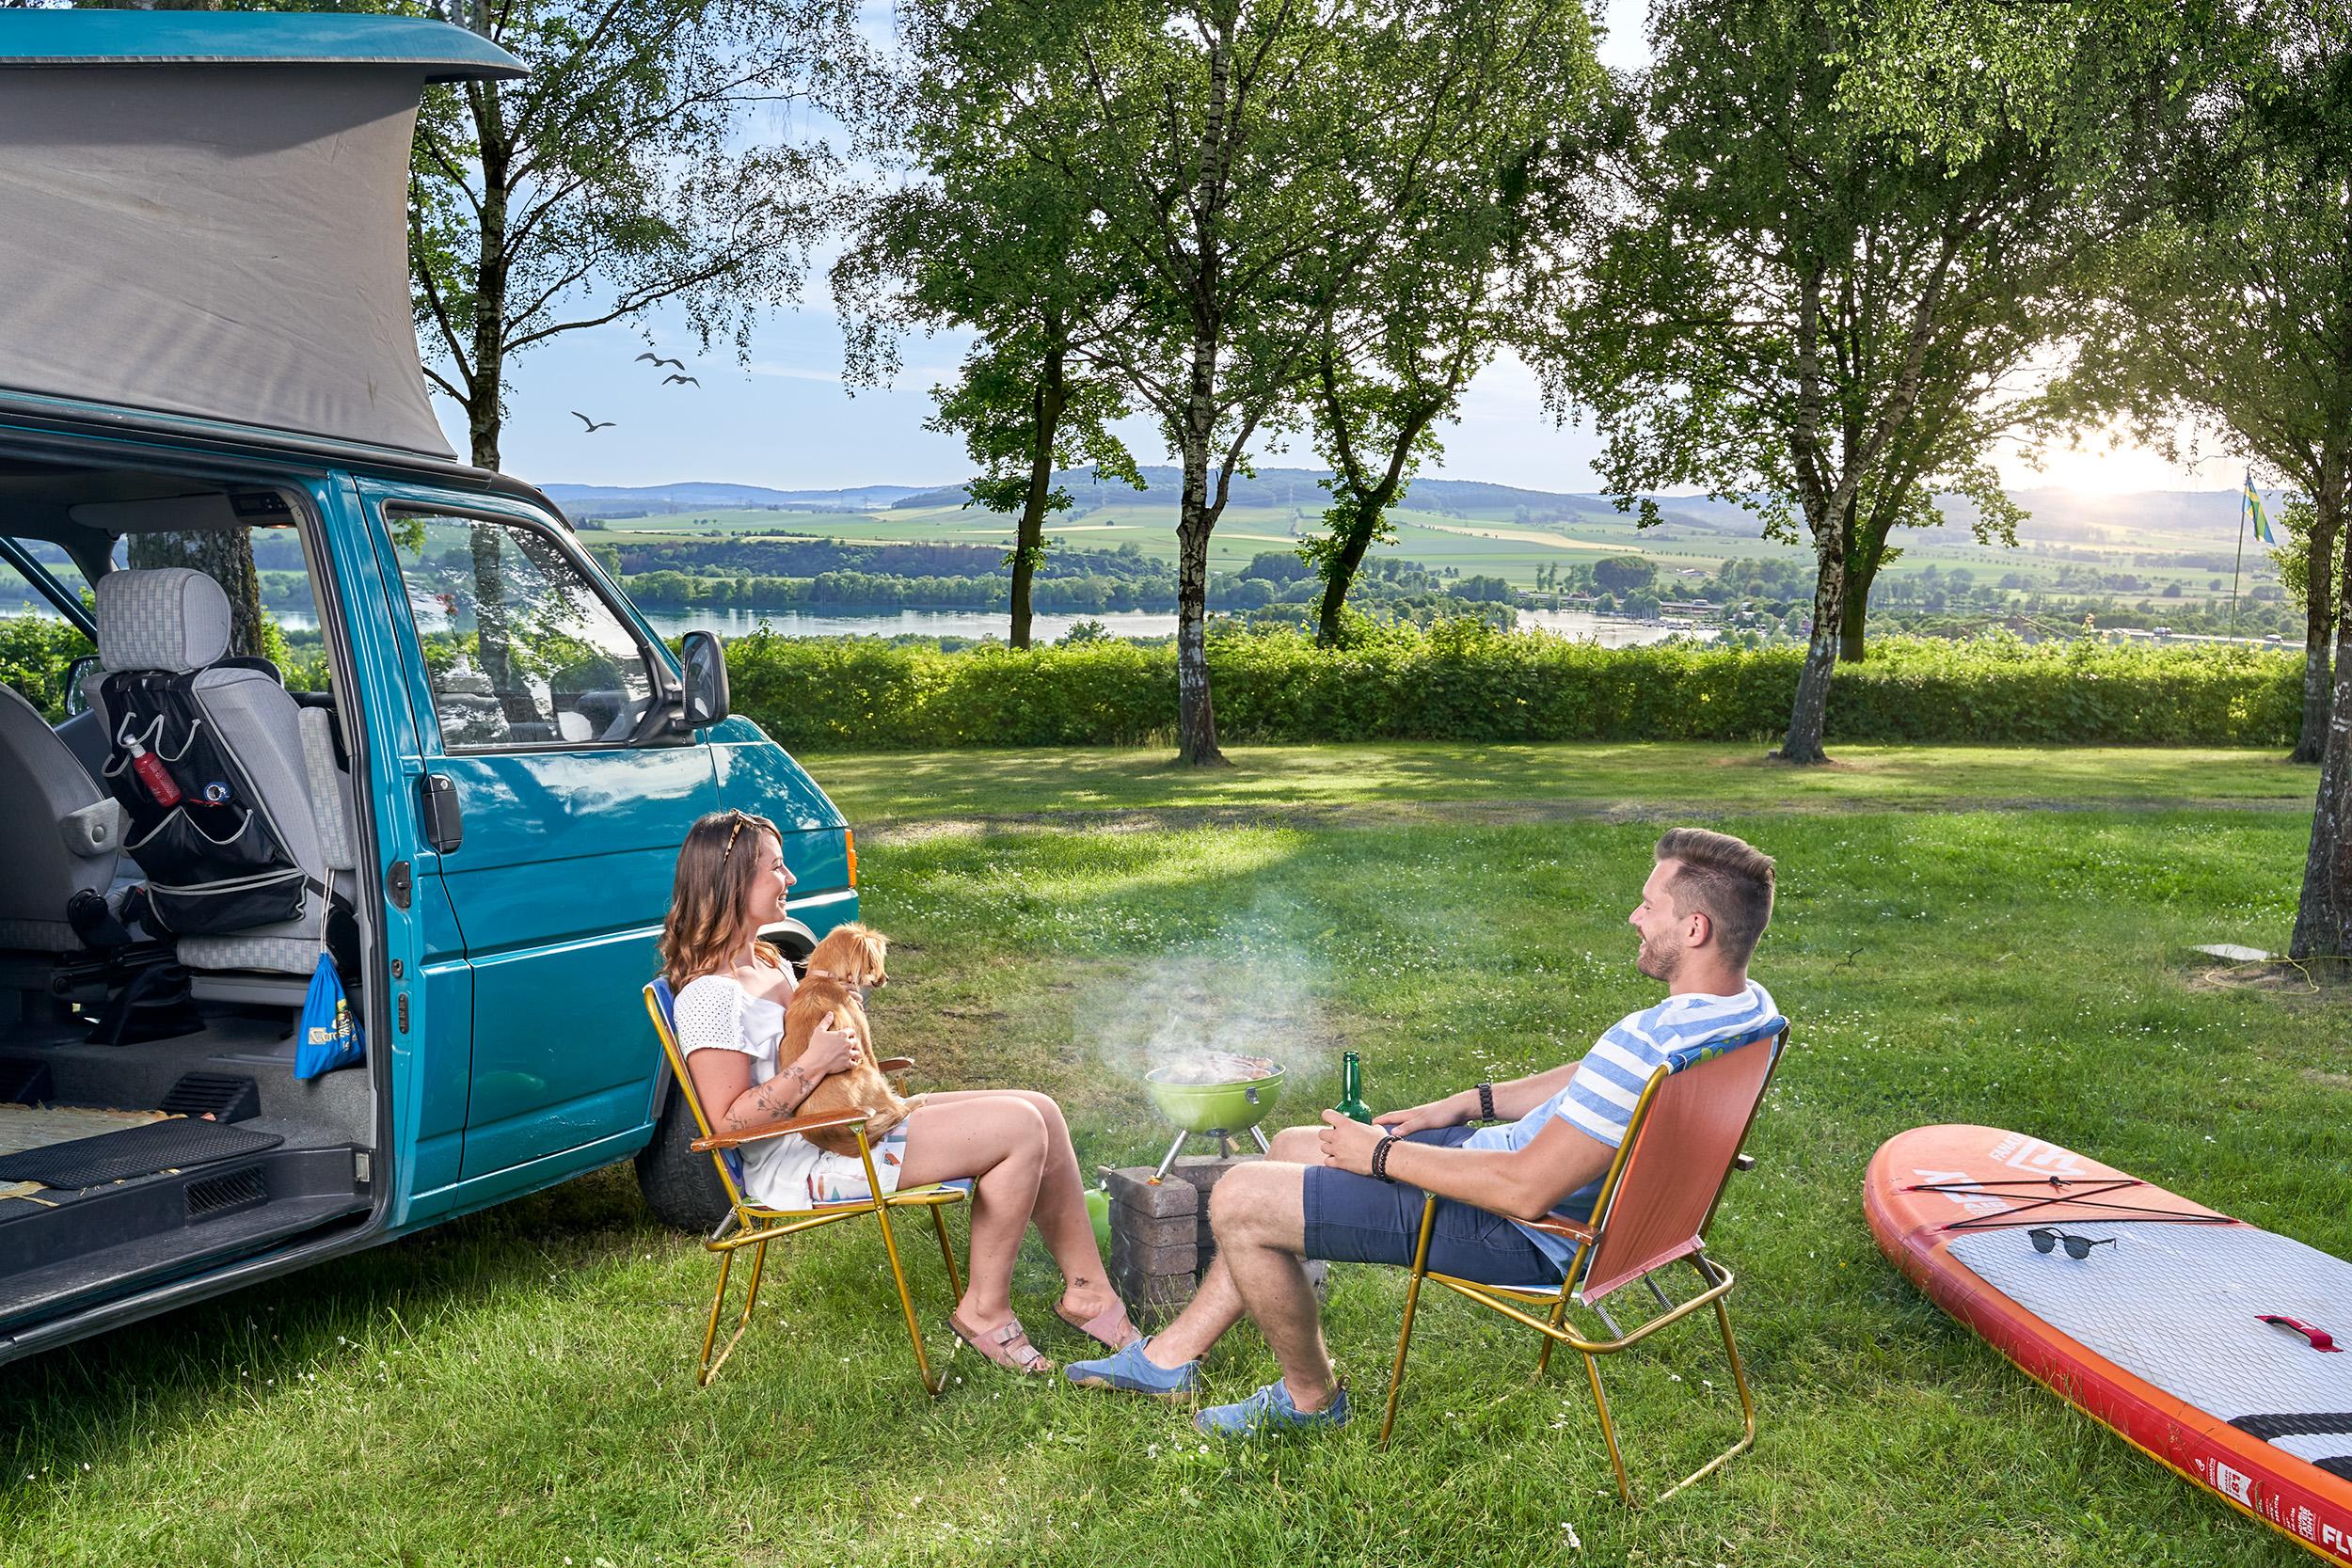 Historische Altstädte und Naturerlebnisse verbinden – Weit- und Seeblick inklusive wie etwa auf dem Campingplatz Northeim-Nord